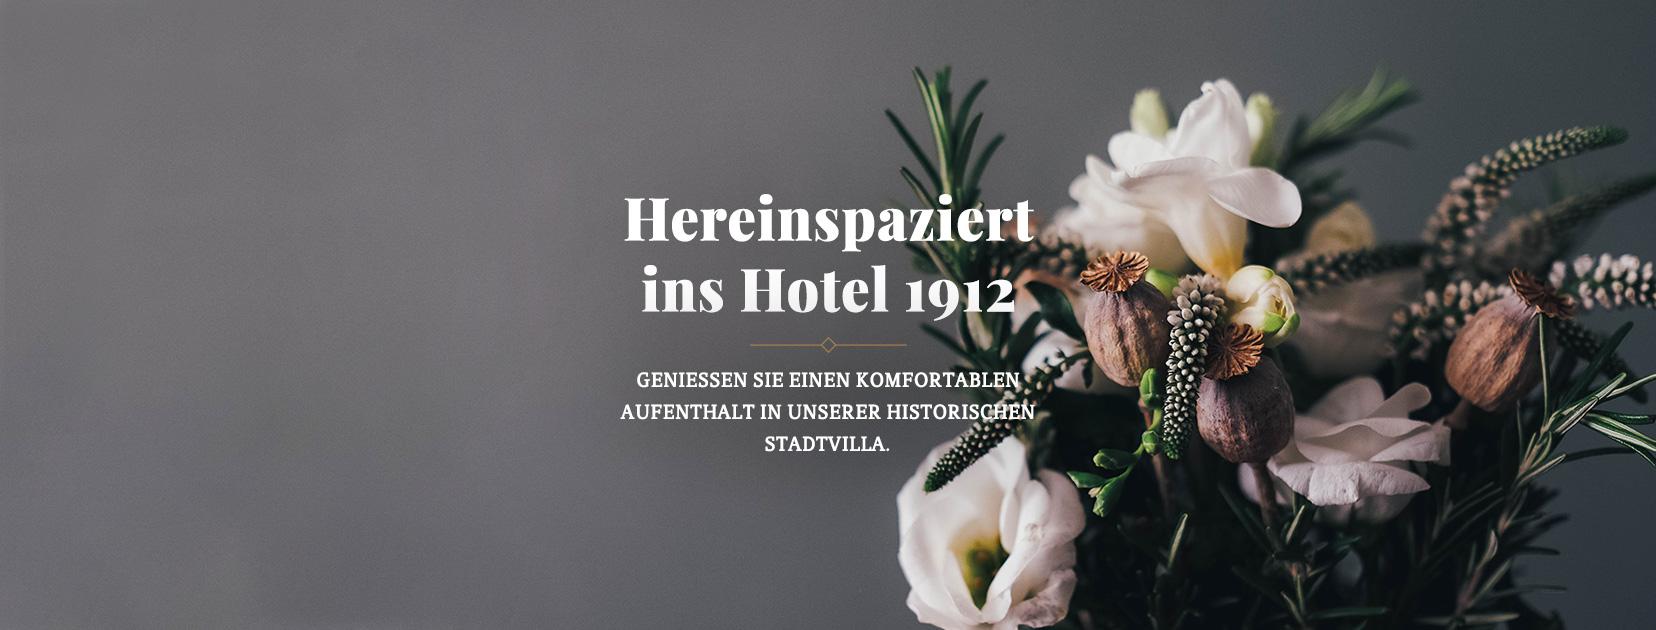 1912-Hotel-Social-Media-Banner_02